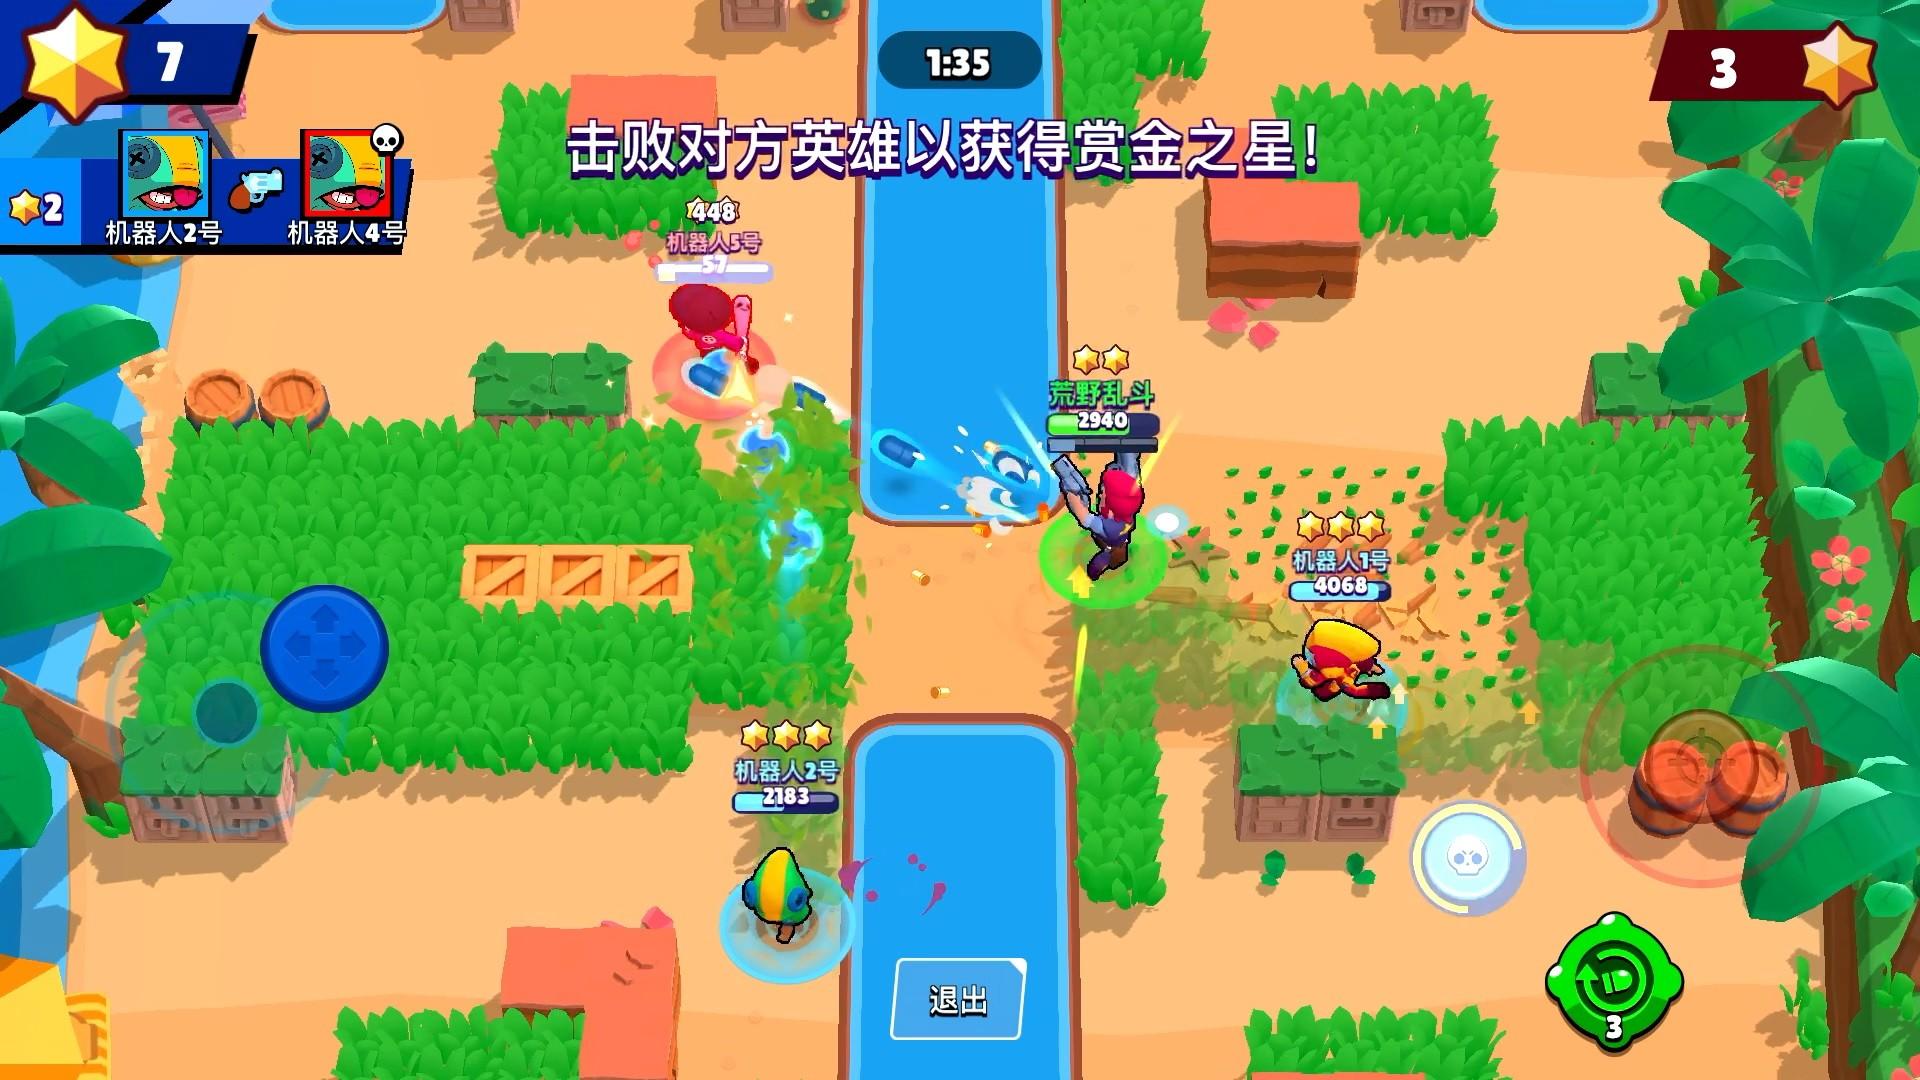 荒野乱斗赏金猎人玩法介绍